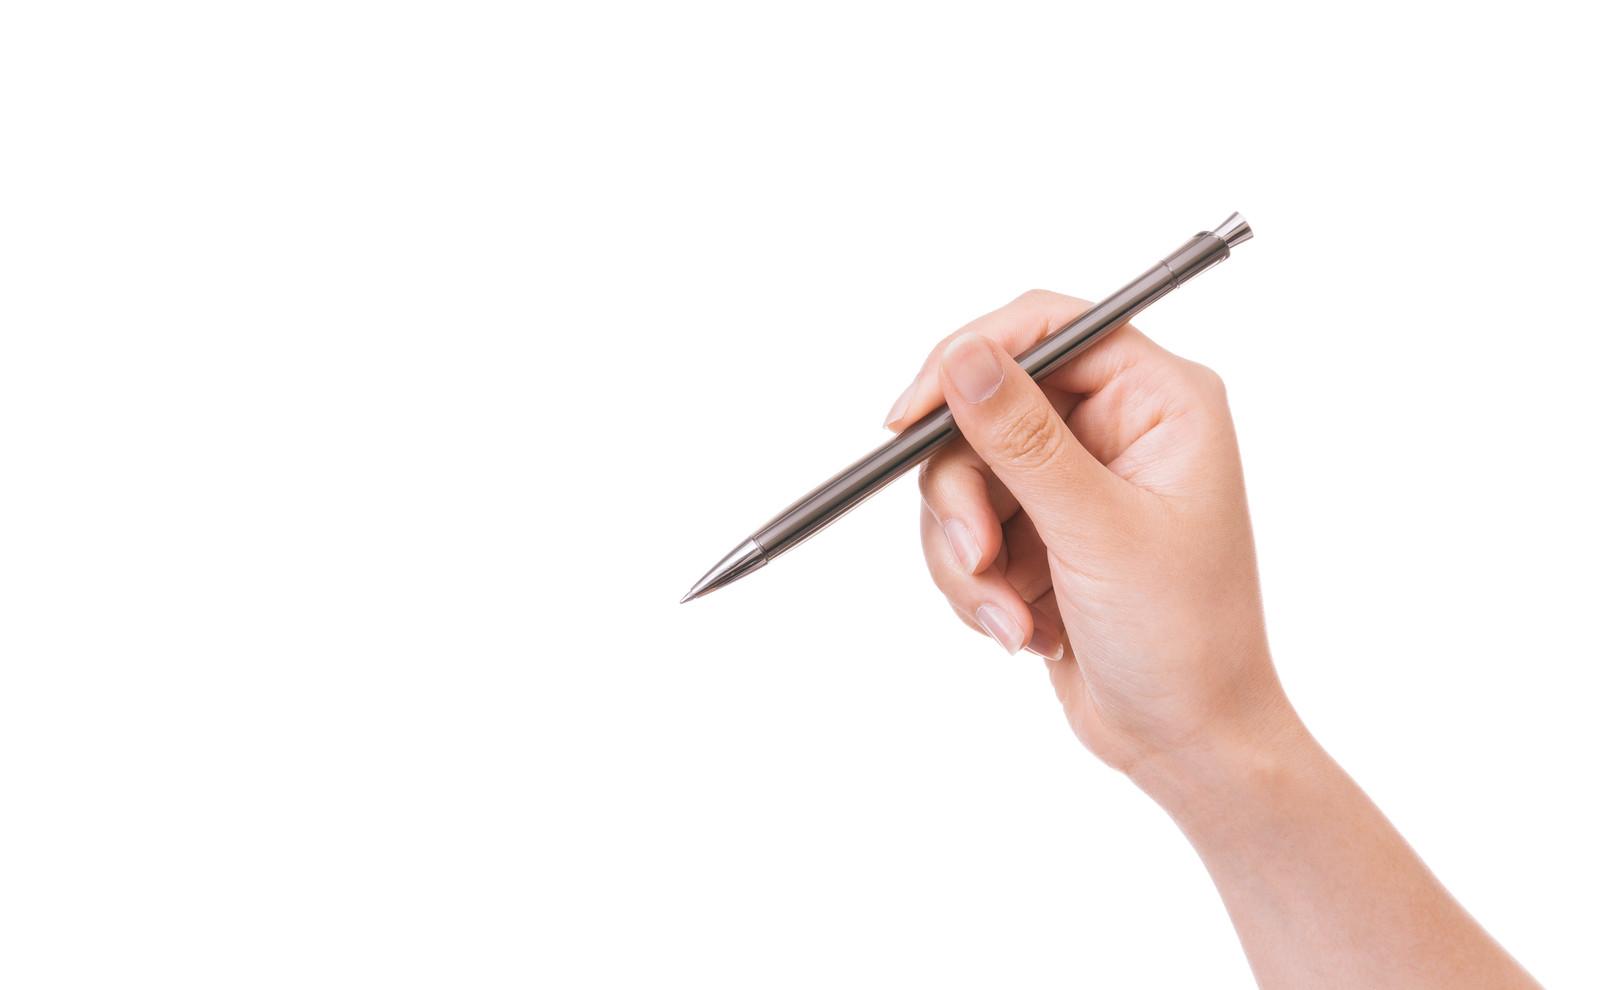 中小企業診断士に必要な書く力2